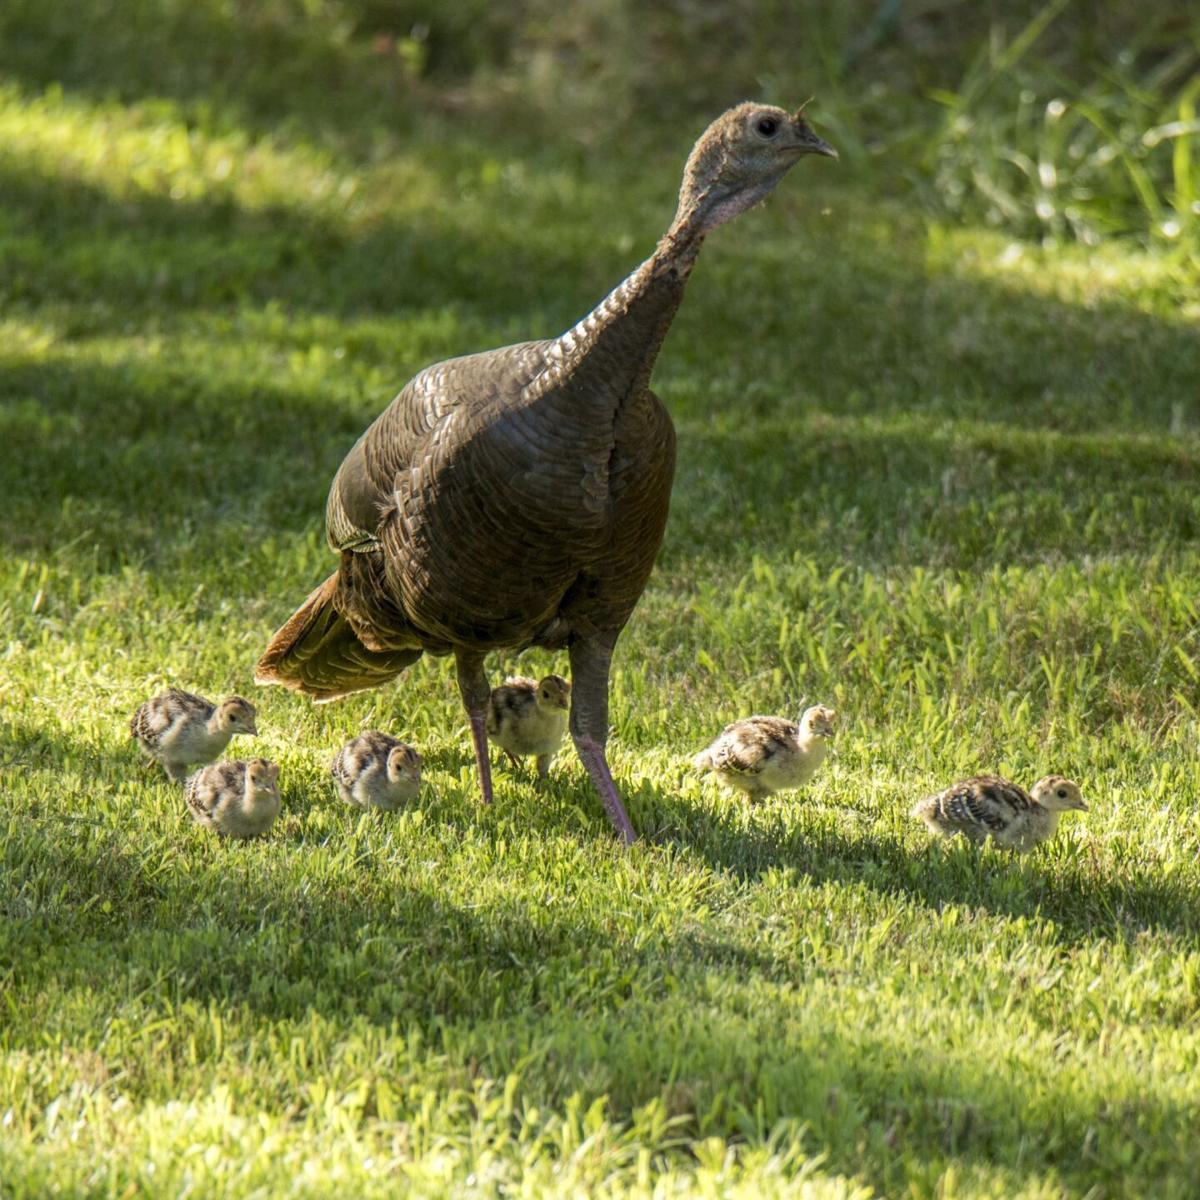 Wild turkey with chicks